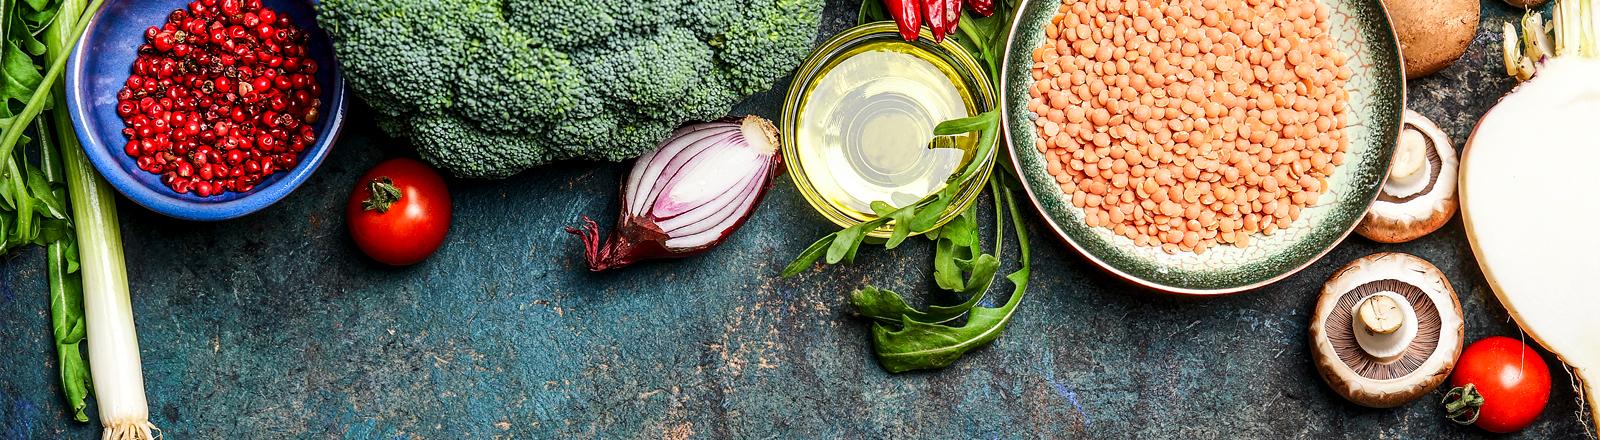 Linsen, Zwiebeln und mehr Gemüse angerichtet auf einer Platte.